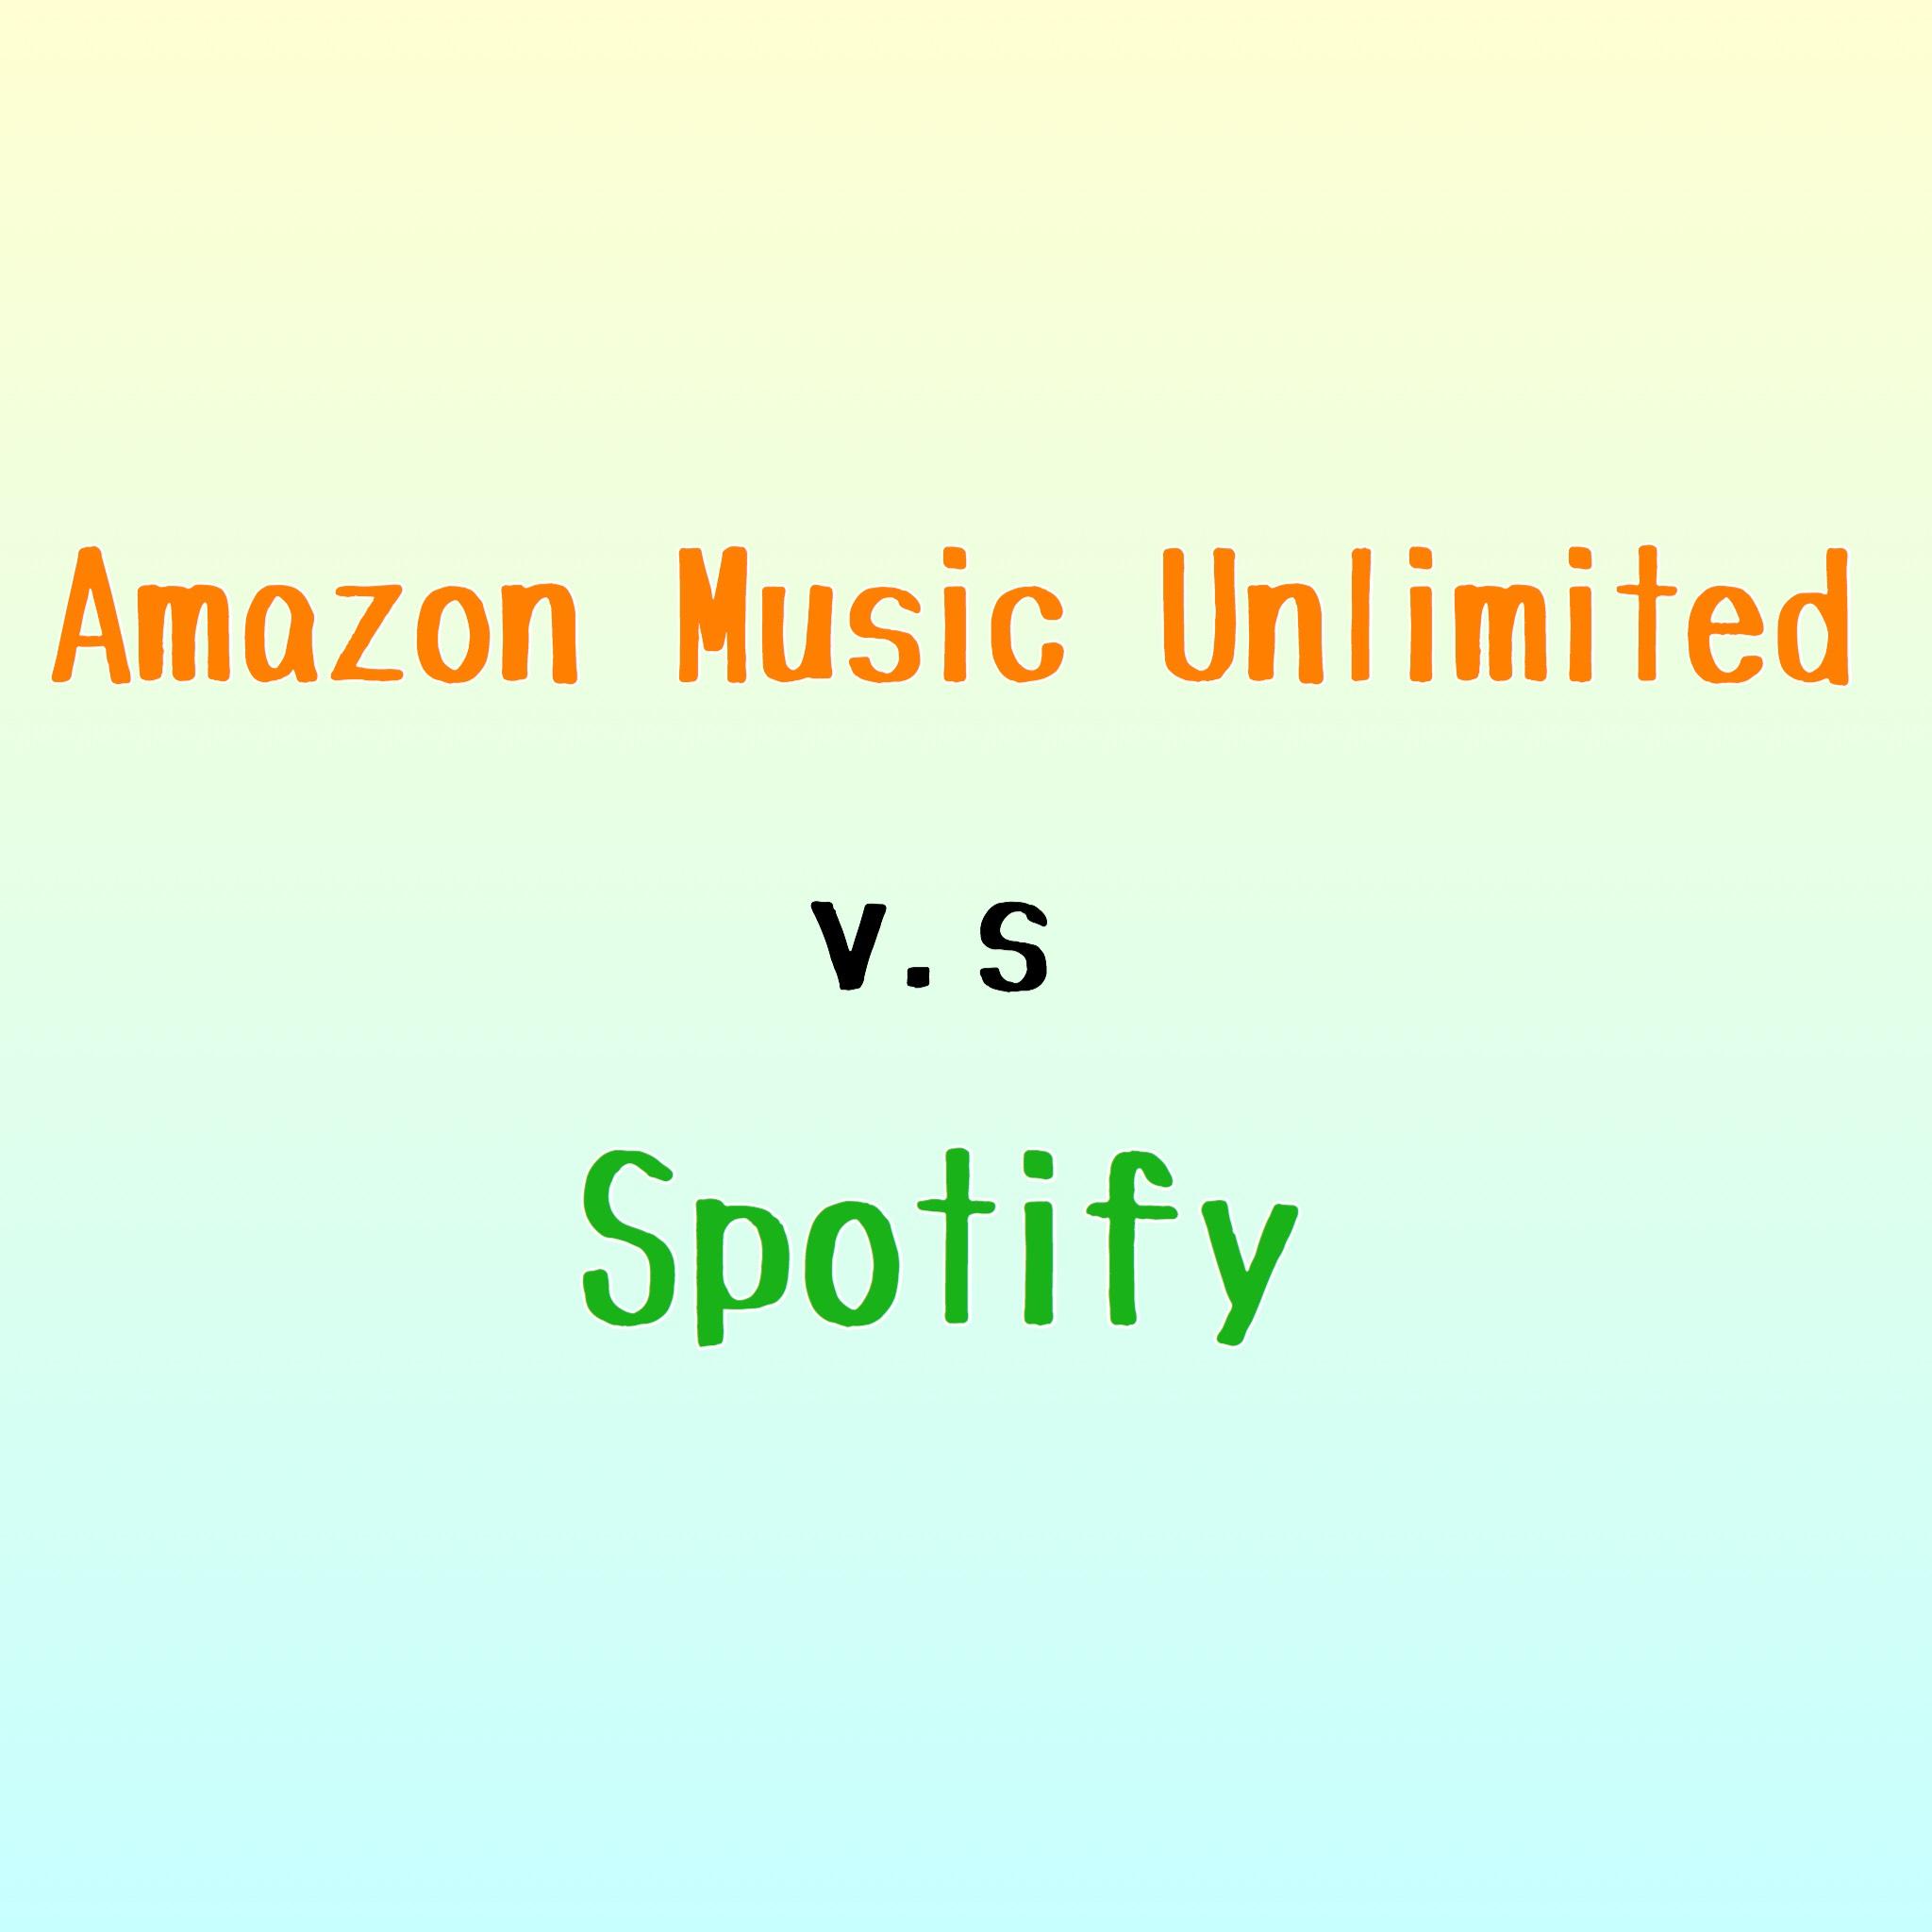 Music イコライザ Amazon Amazon Musicで音質の変更方法 イコライザの設定はできる?